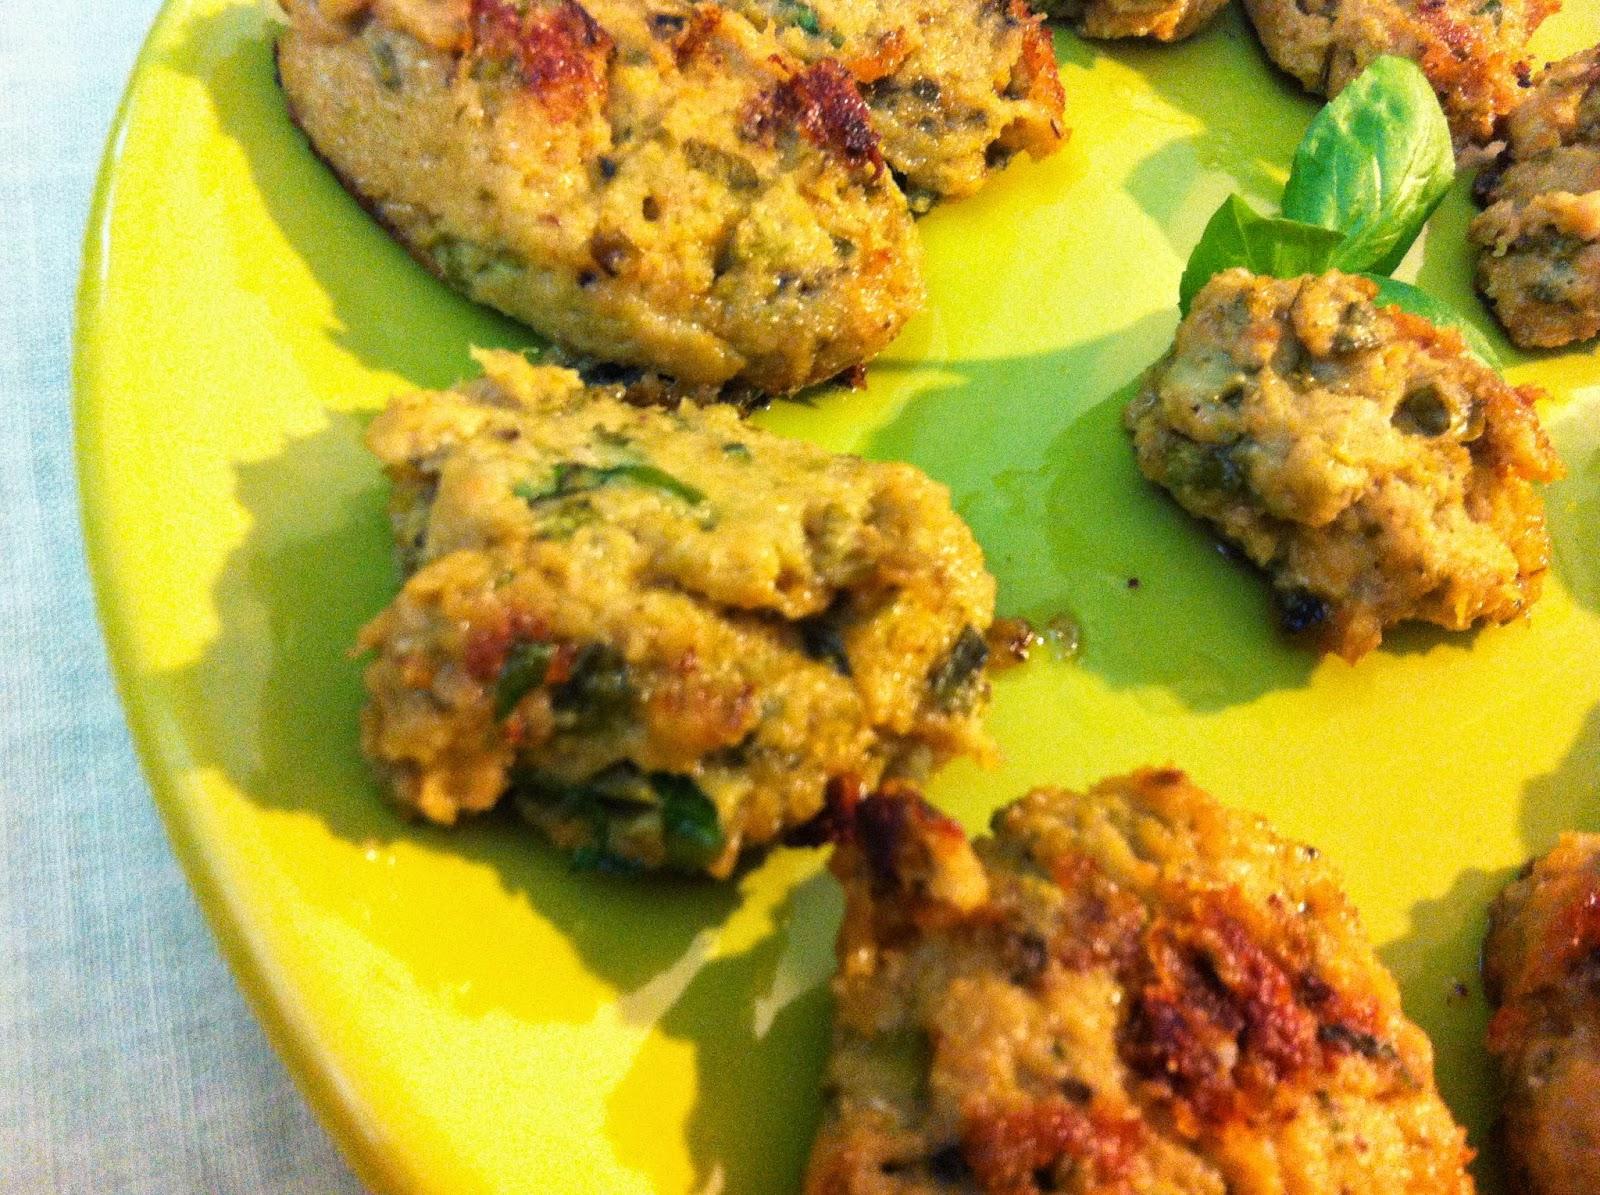 Salvacena di stagione: crocchette morbide di zucchine, soia e ceci profumate al basilico